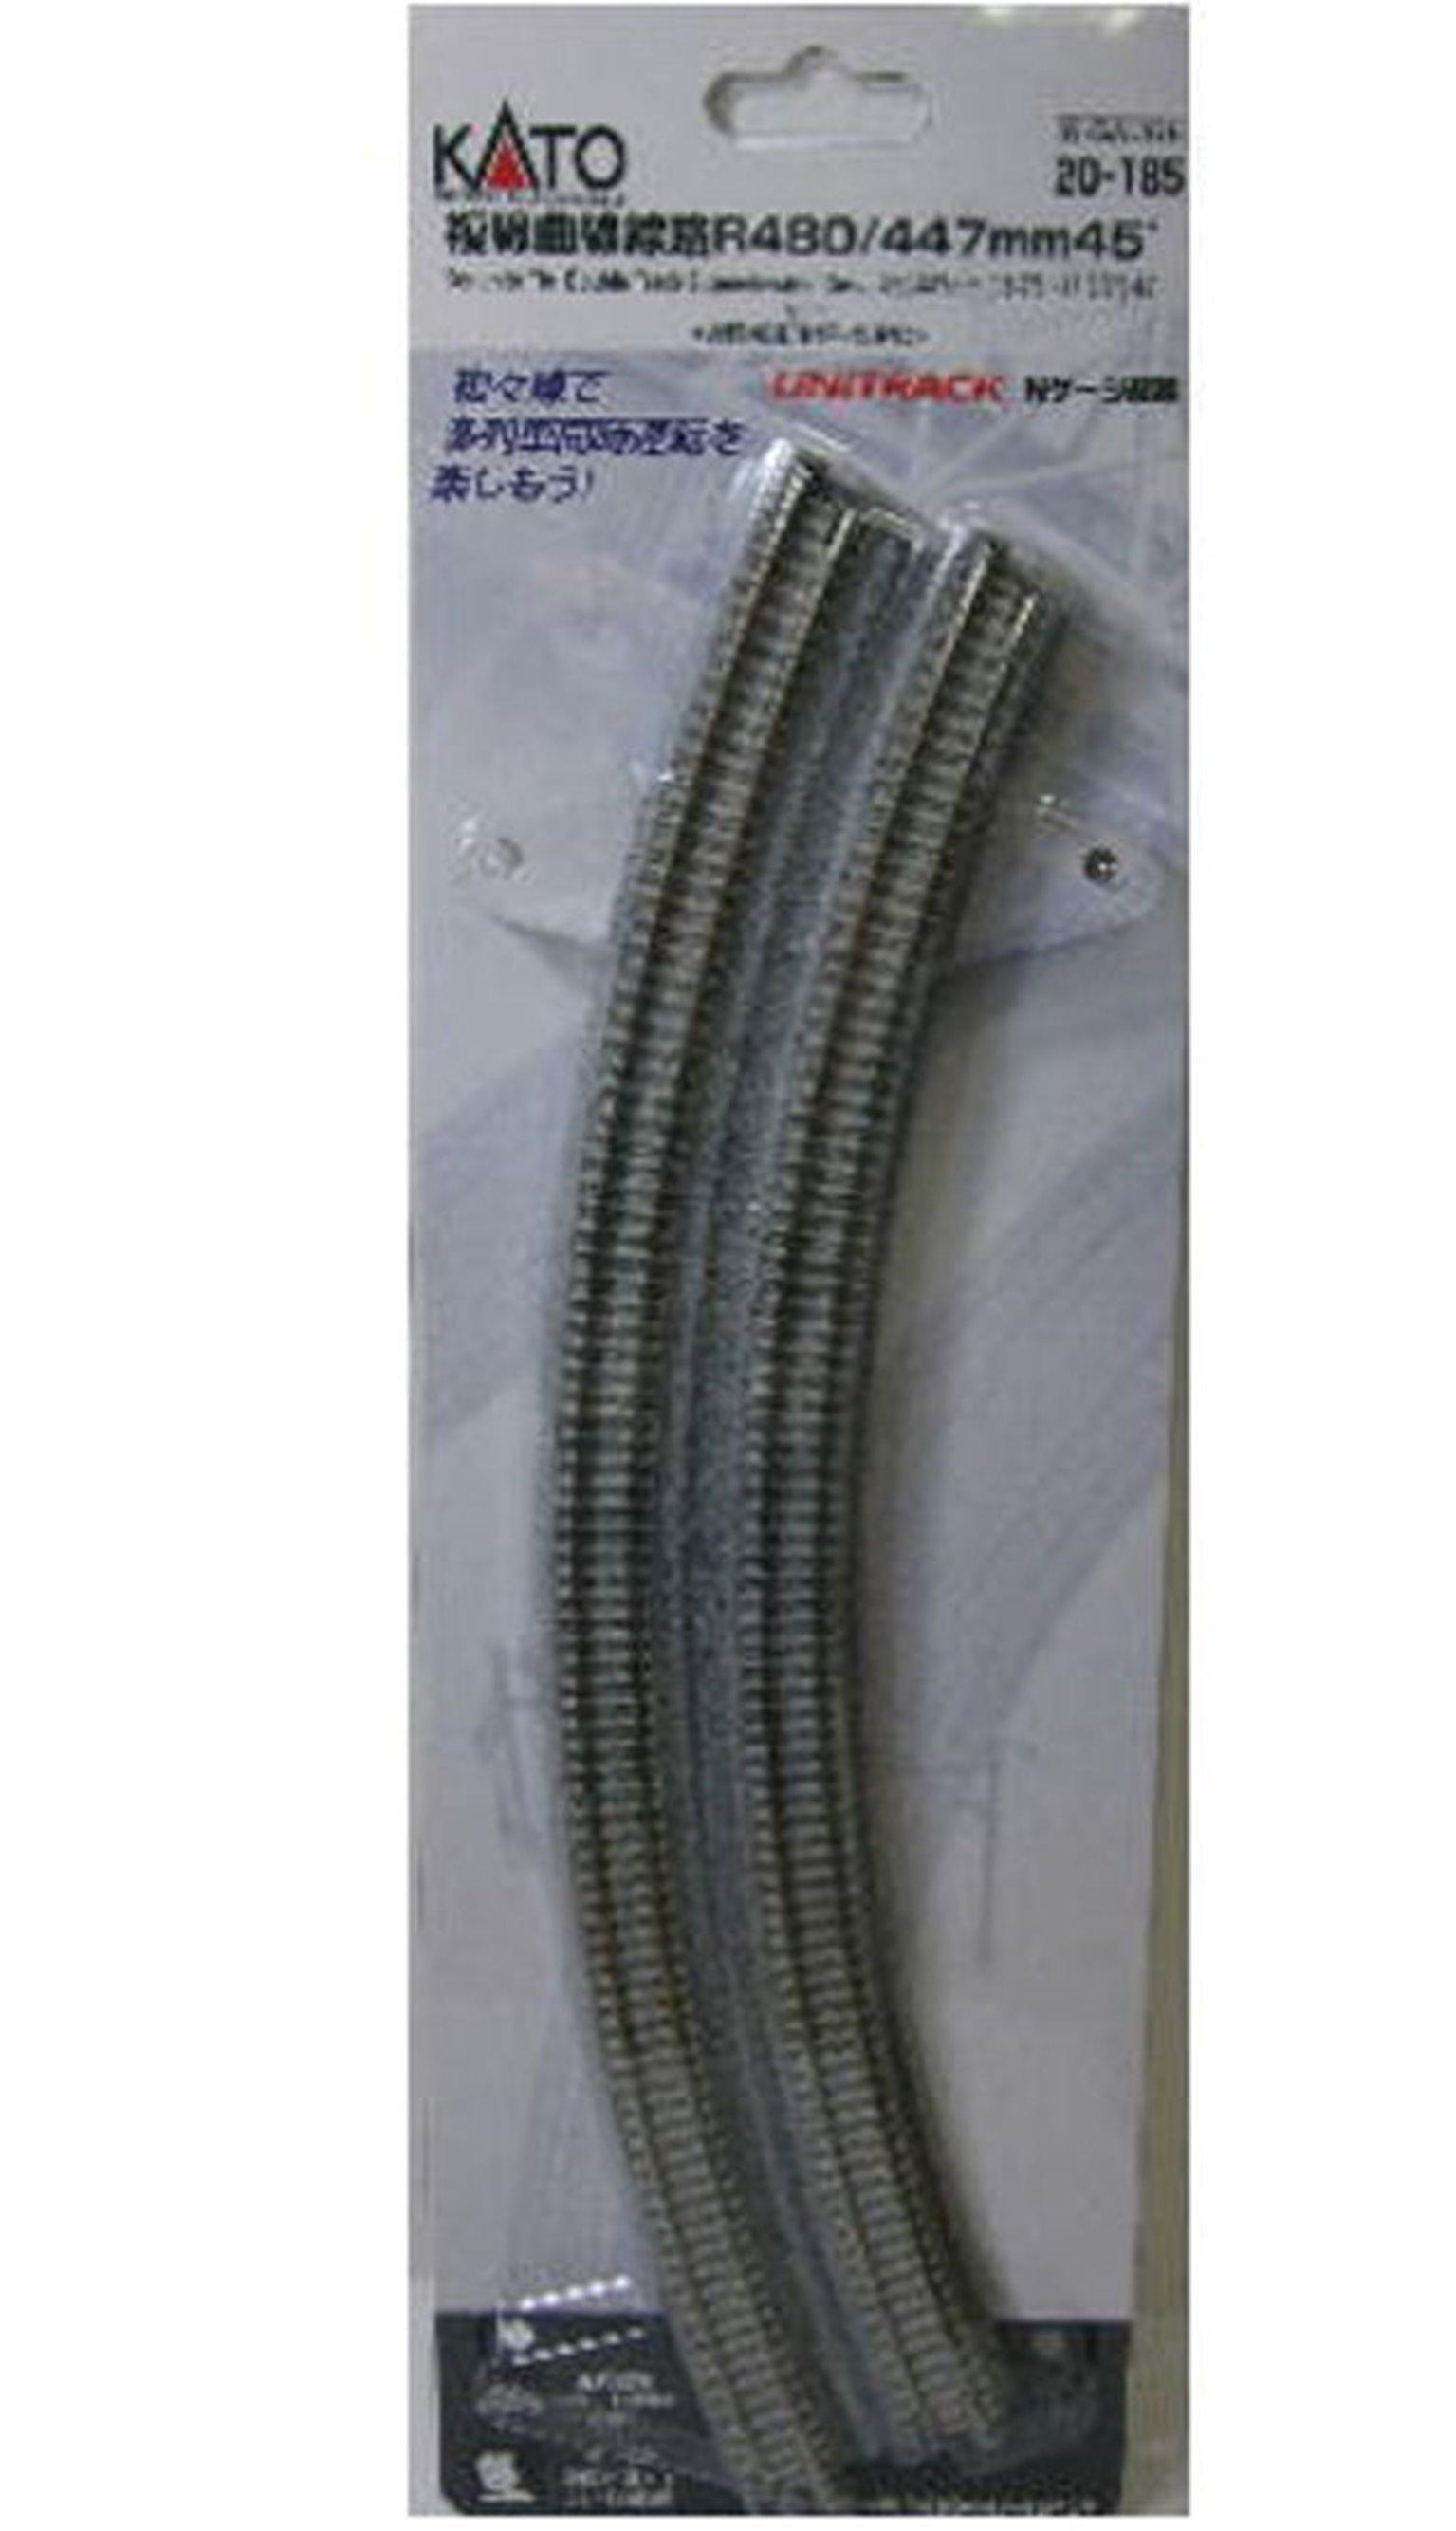 Kato 20-185 R480/447 Double Curve Track